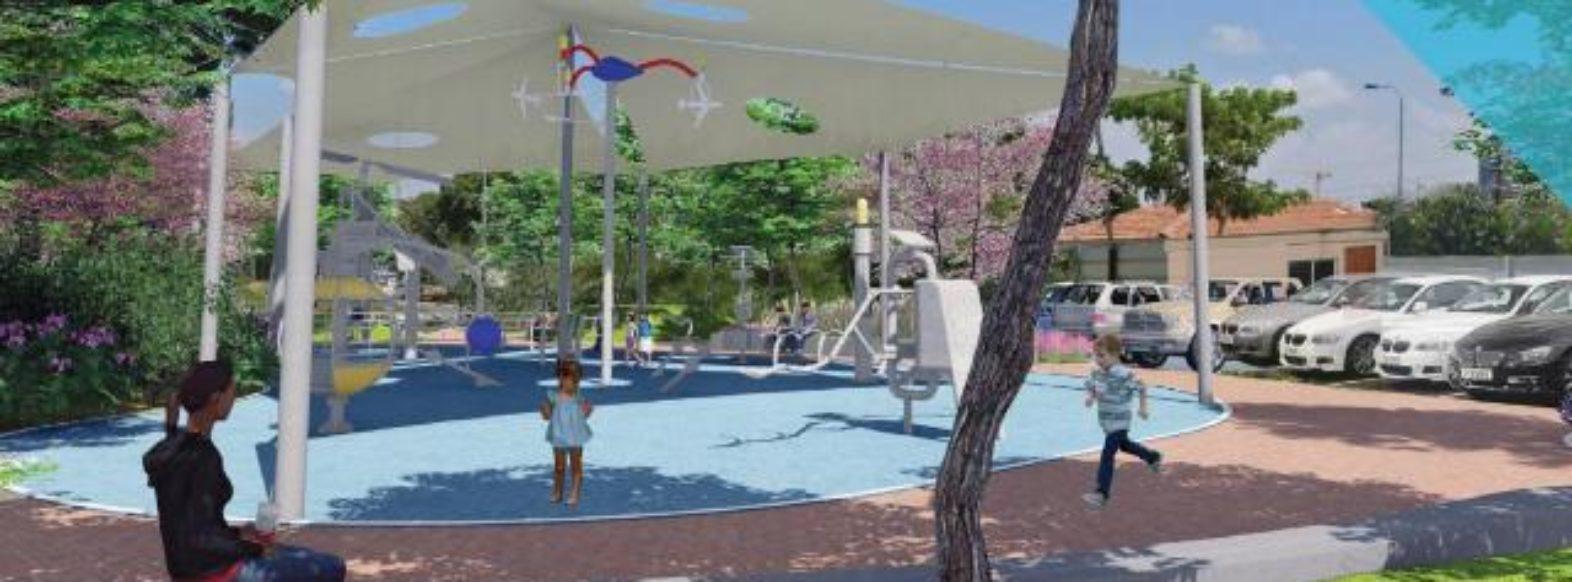 עיריית קריית ביאליק החליטה לקרוא לפארק מדע על שם משפחת רמון